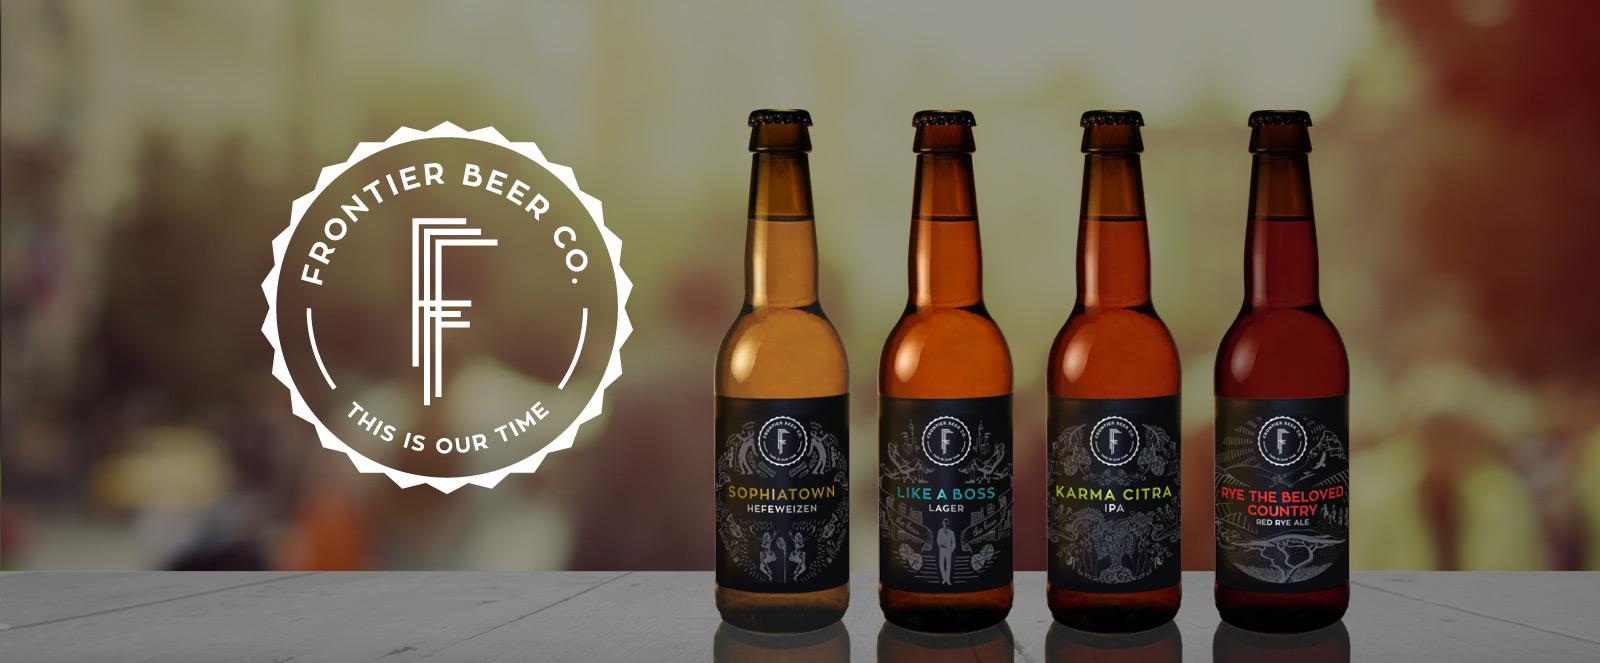 frontier_beer